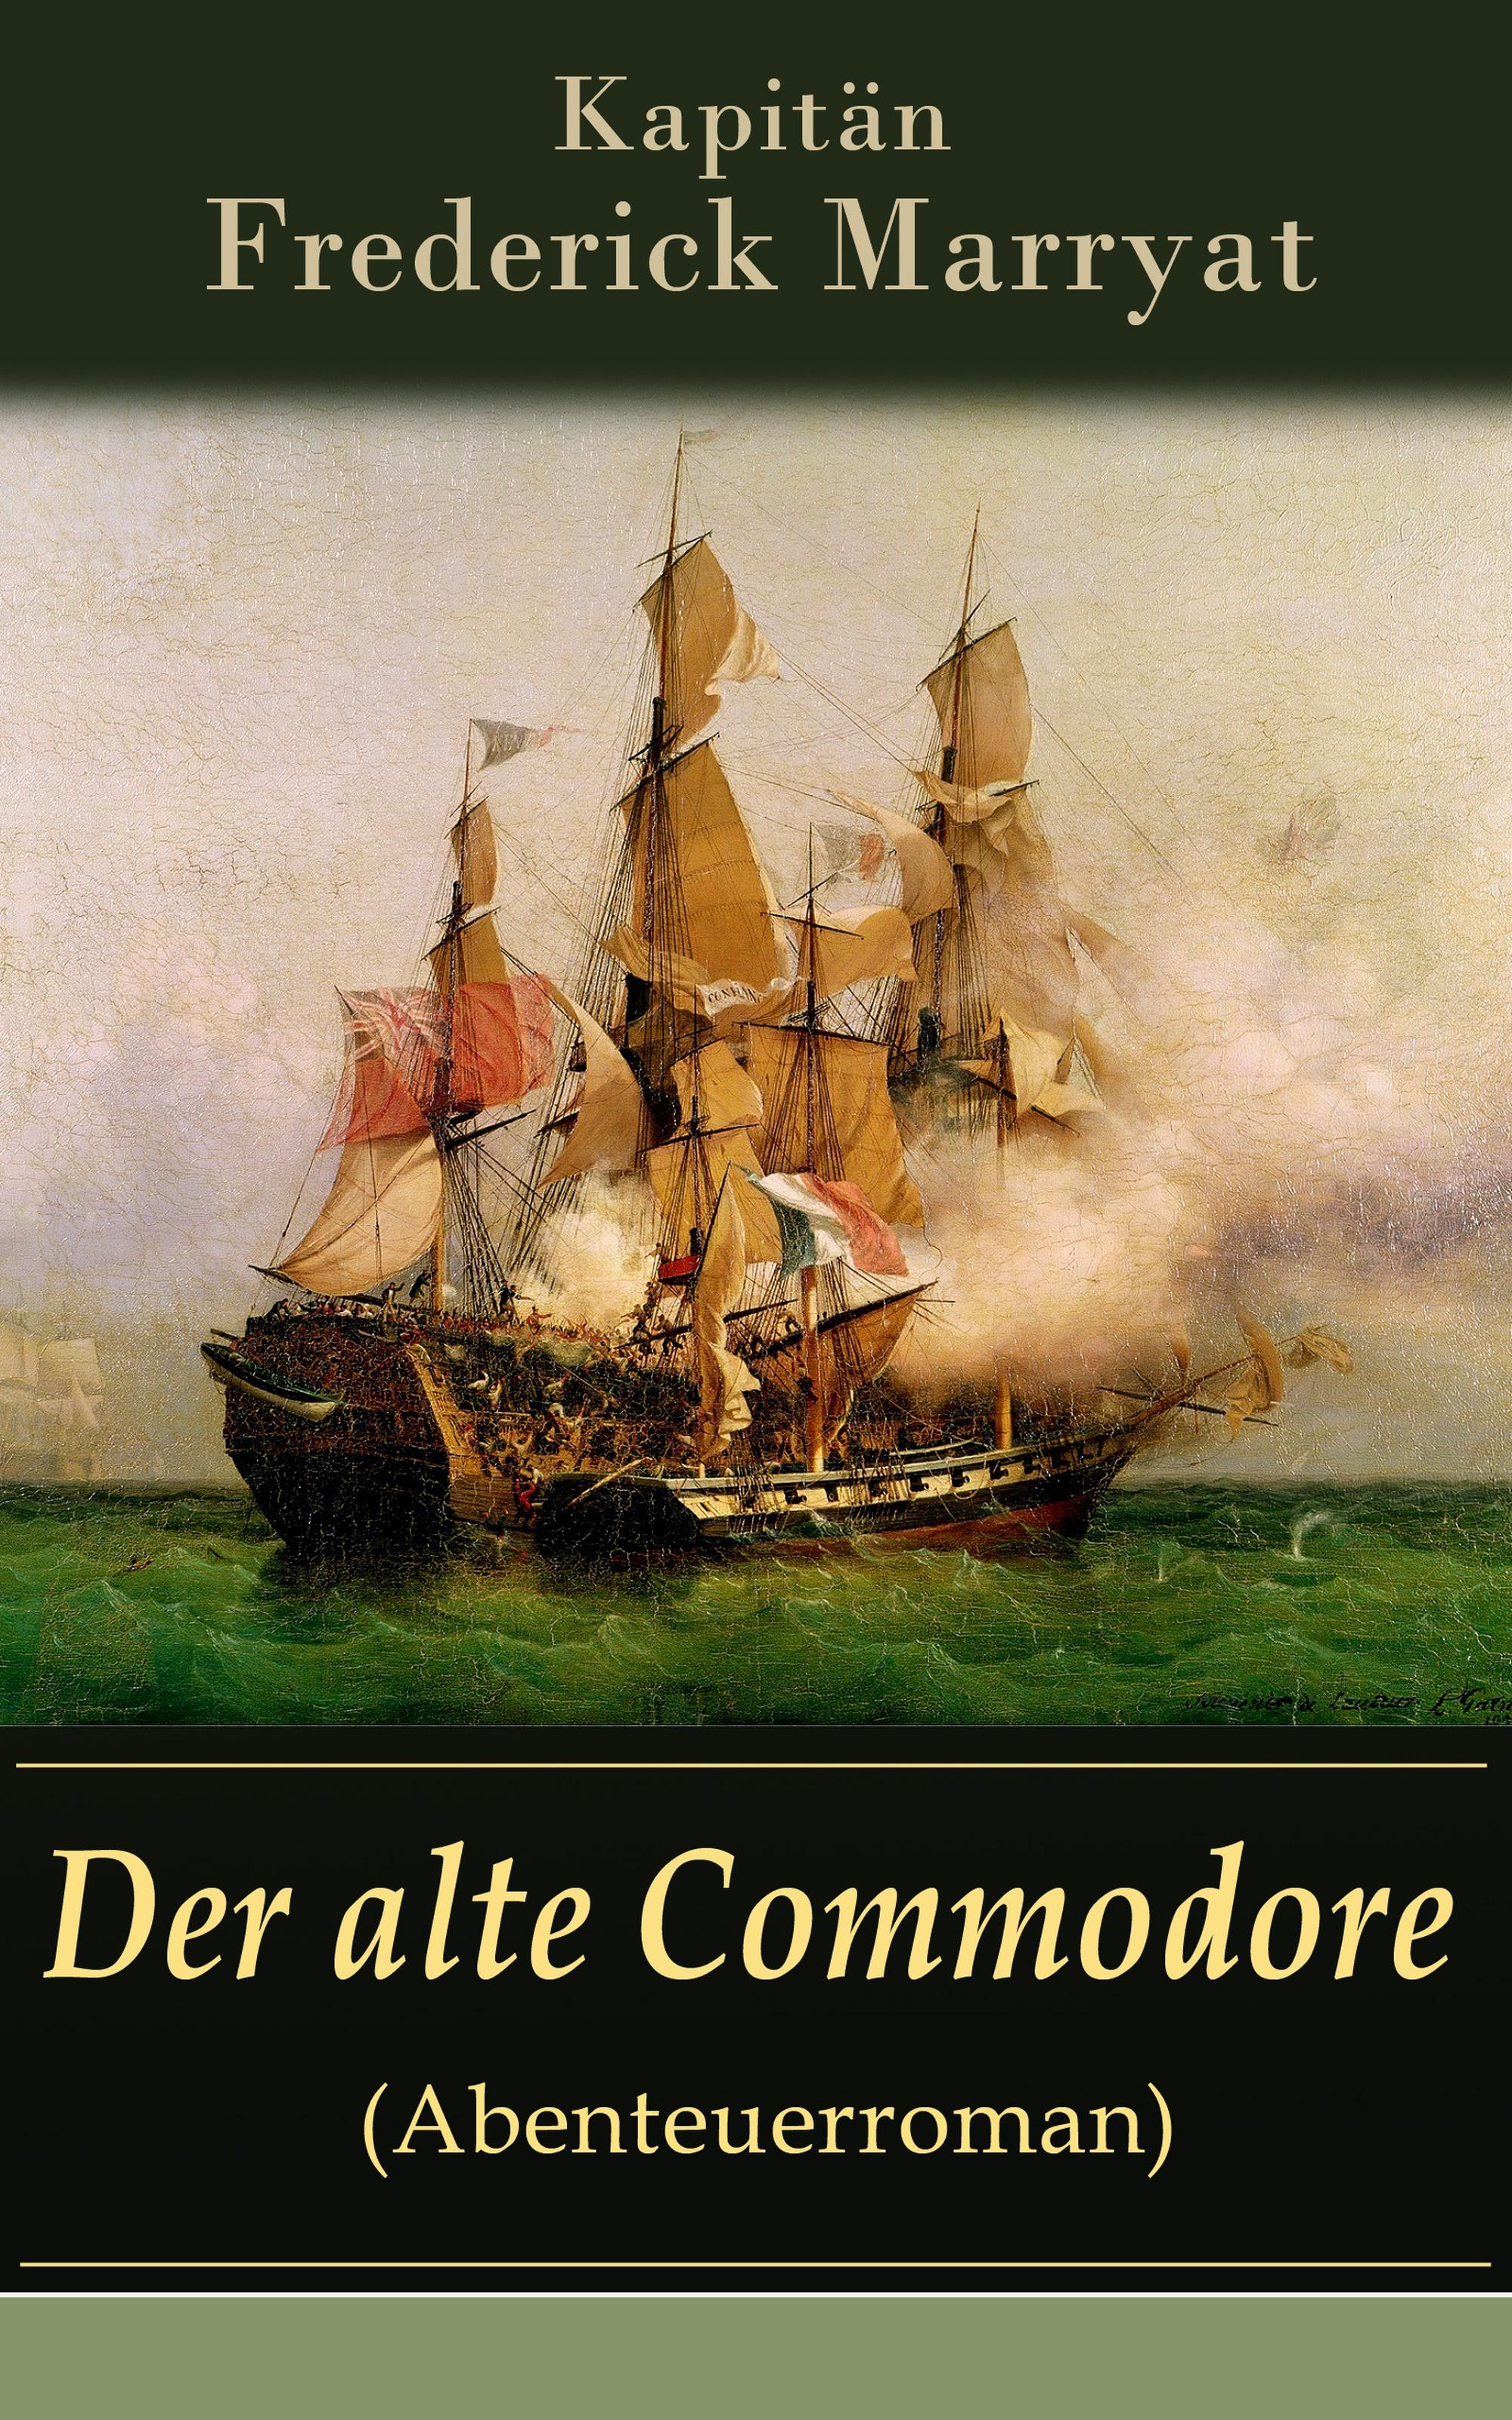 Kapitän Frederick Marryat Der alte Commodore (Abenteuerroman)